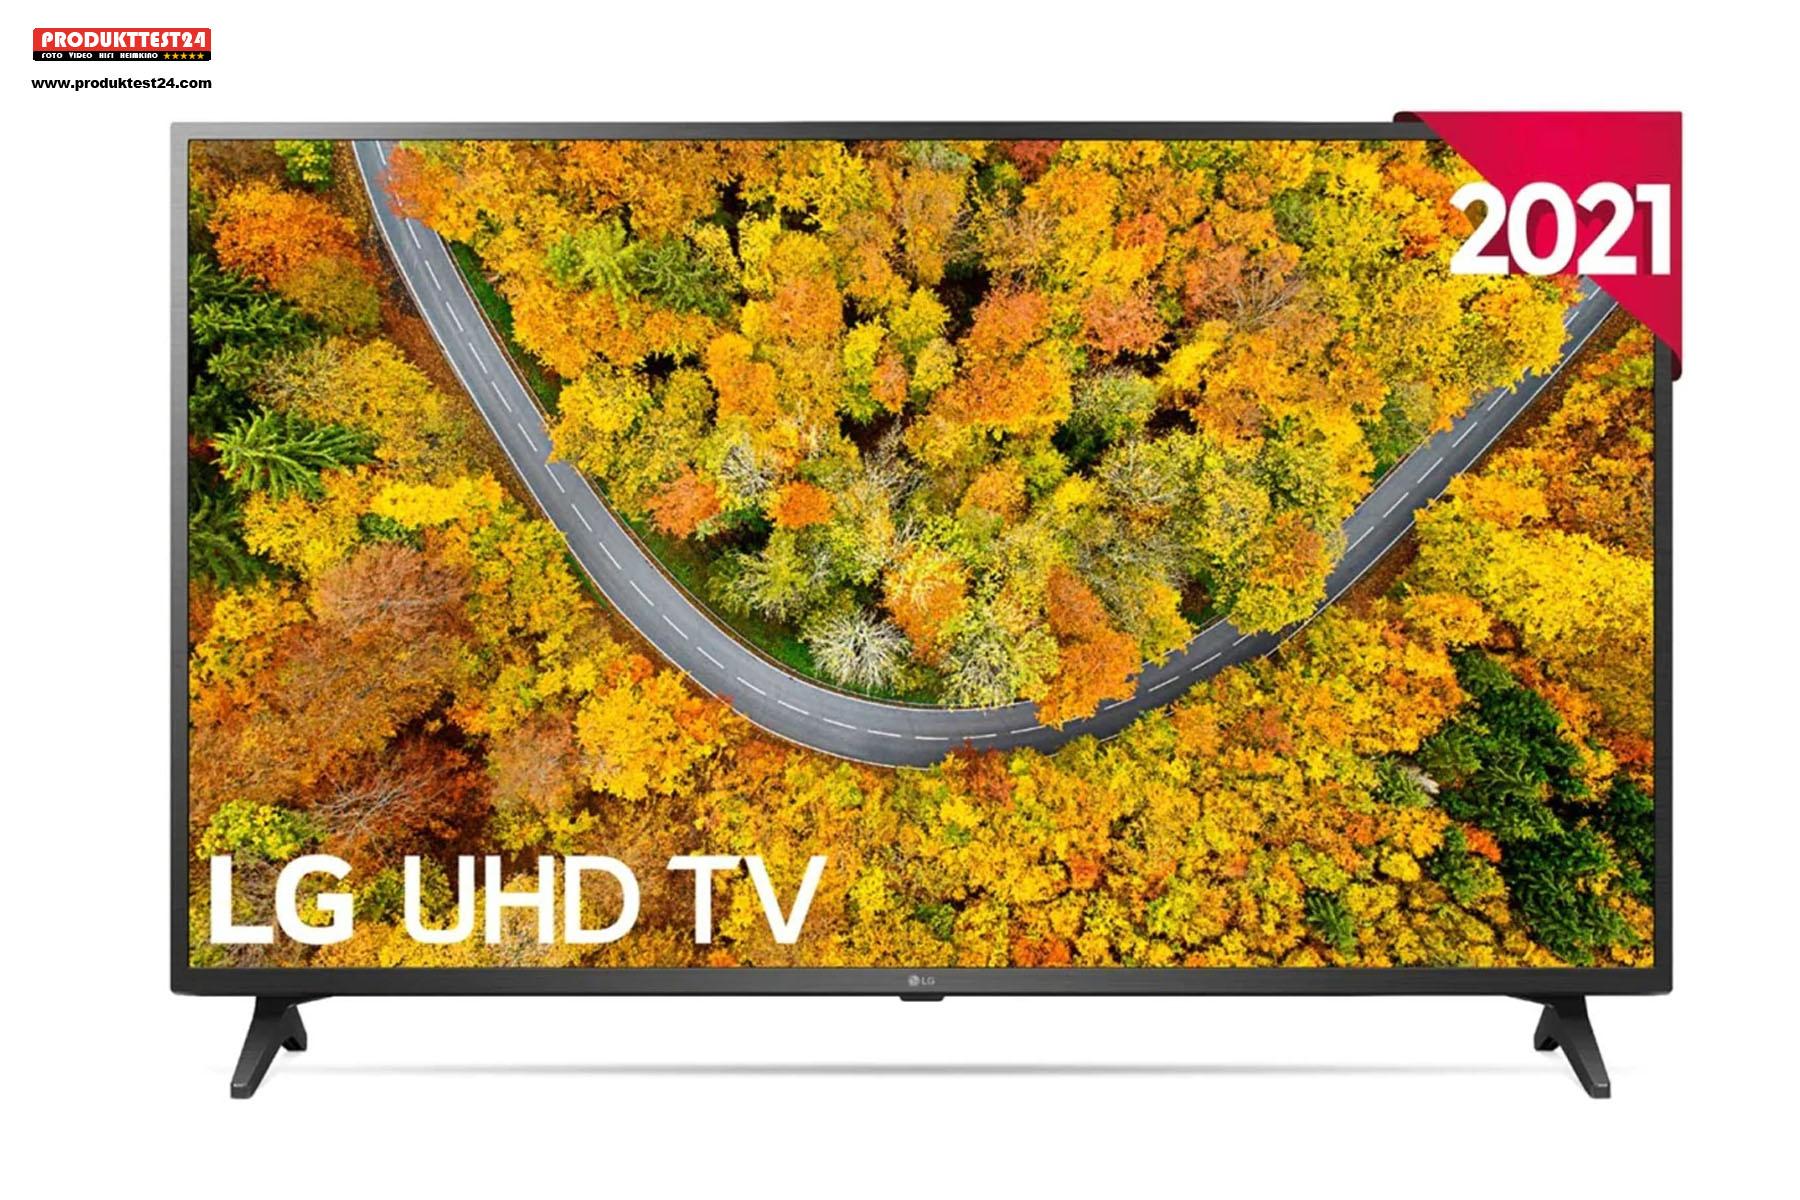 Der LG 65UP75009LF UHD 4K-Fernseher mit Sprachsteuerung, Smart TV und Triple Tuner